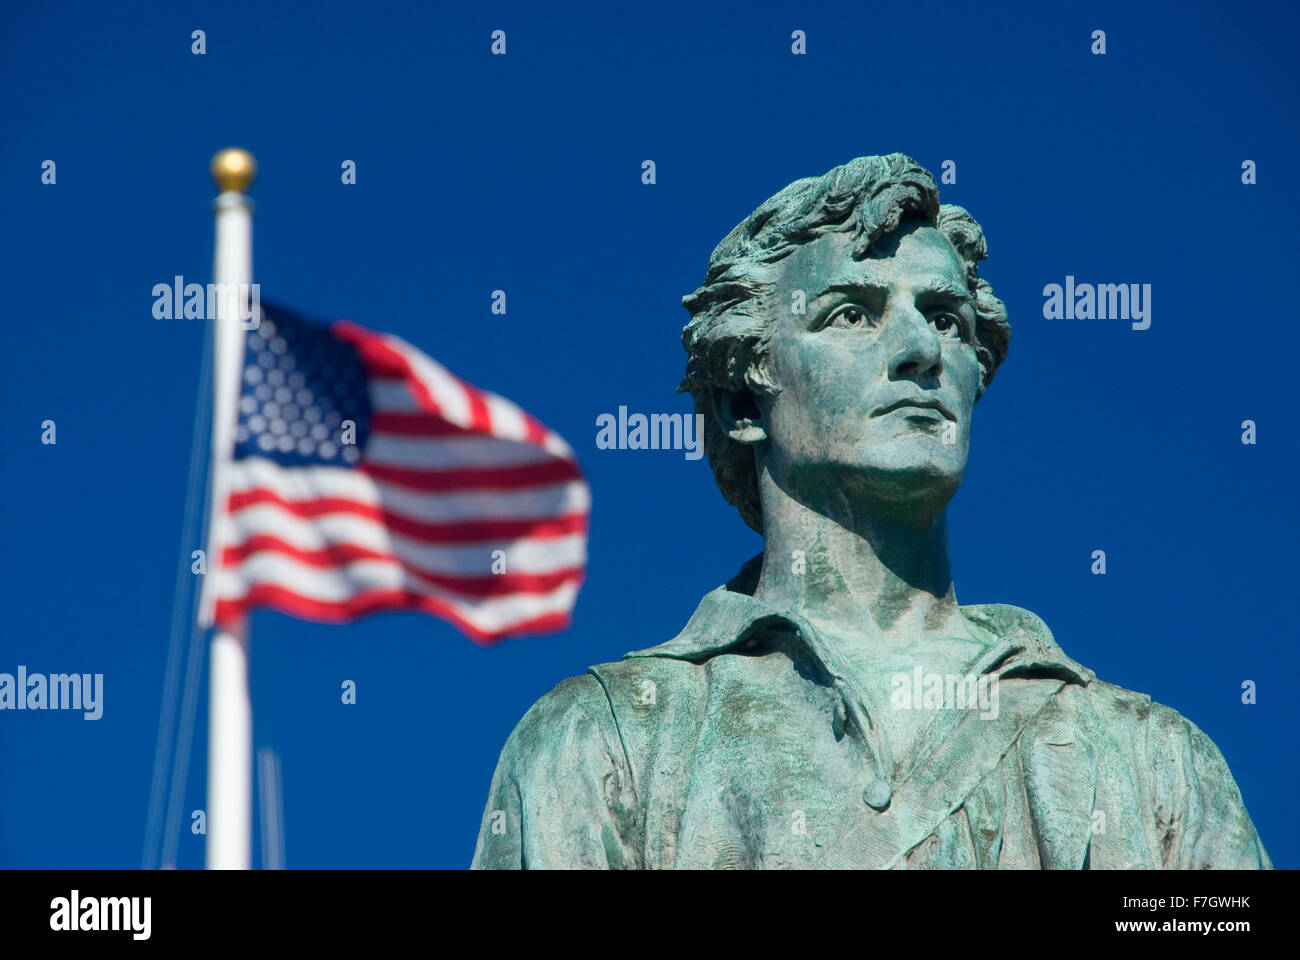 El capitán Parker estatua en Battle Green con bandera americana, Lexington Green, Lexington, Massachusetts Foto de stock